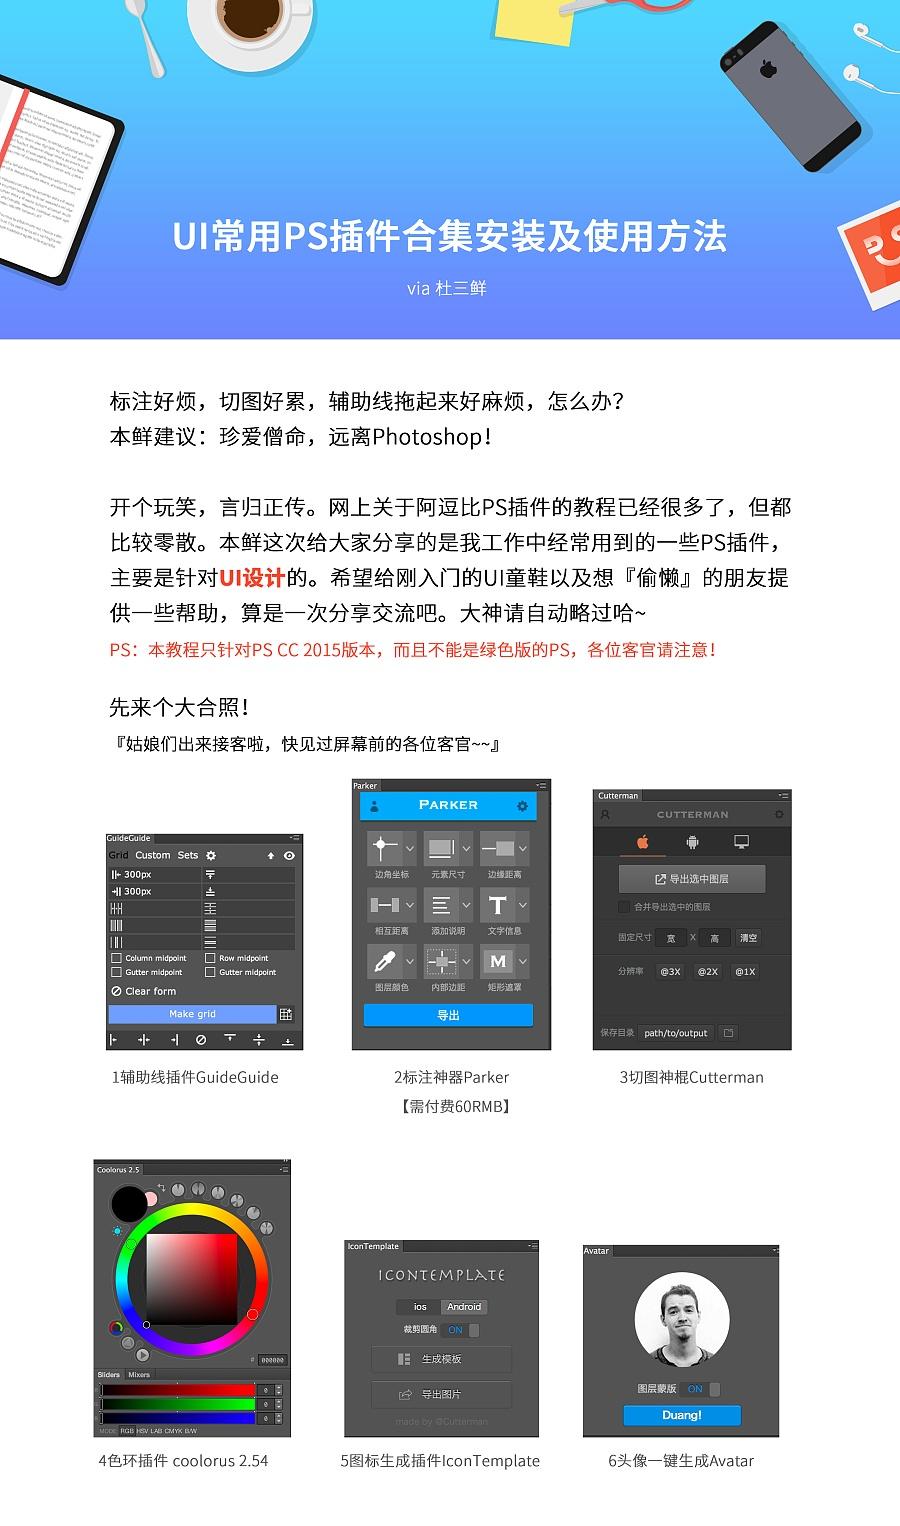 【UI】插件PS常用合集安装及使用方法 移动设考核平面设计岗位图片